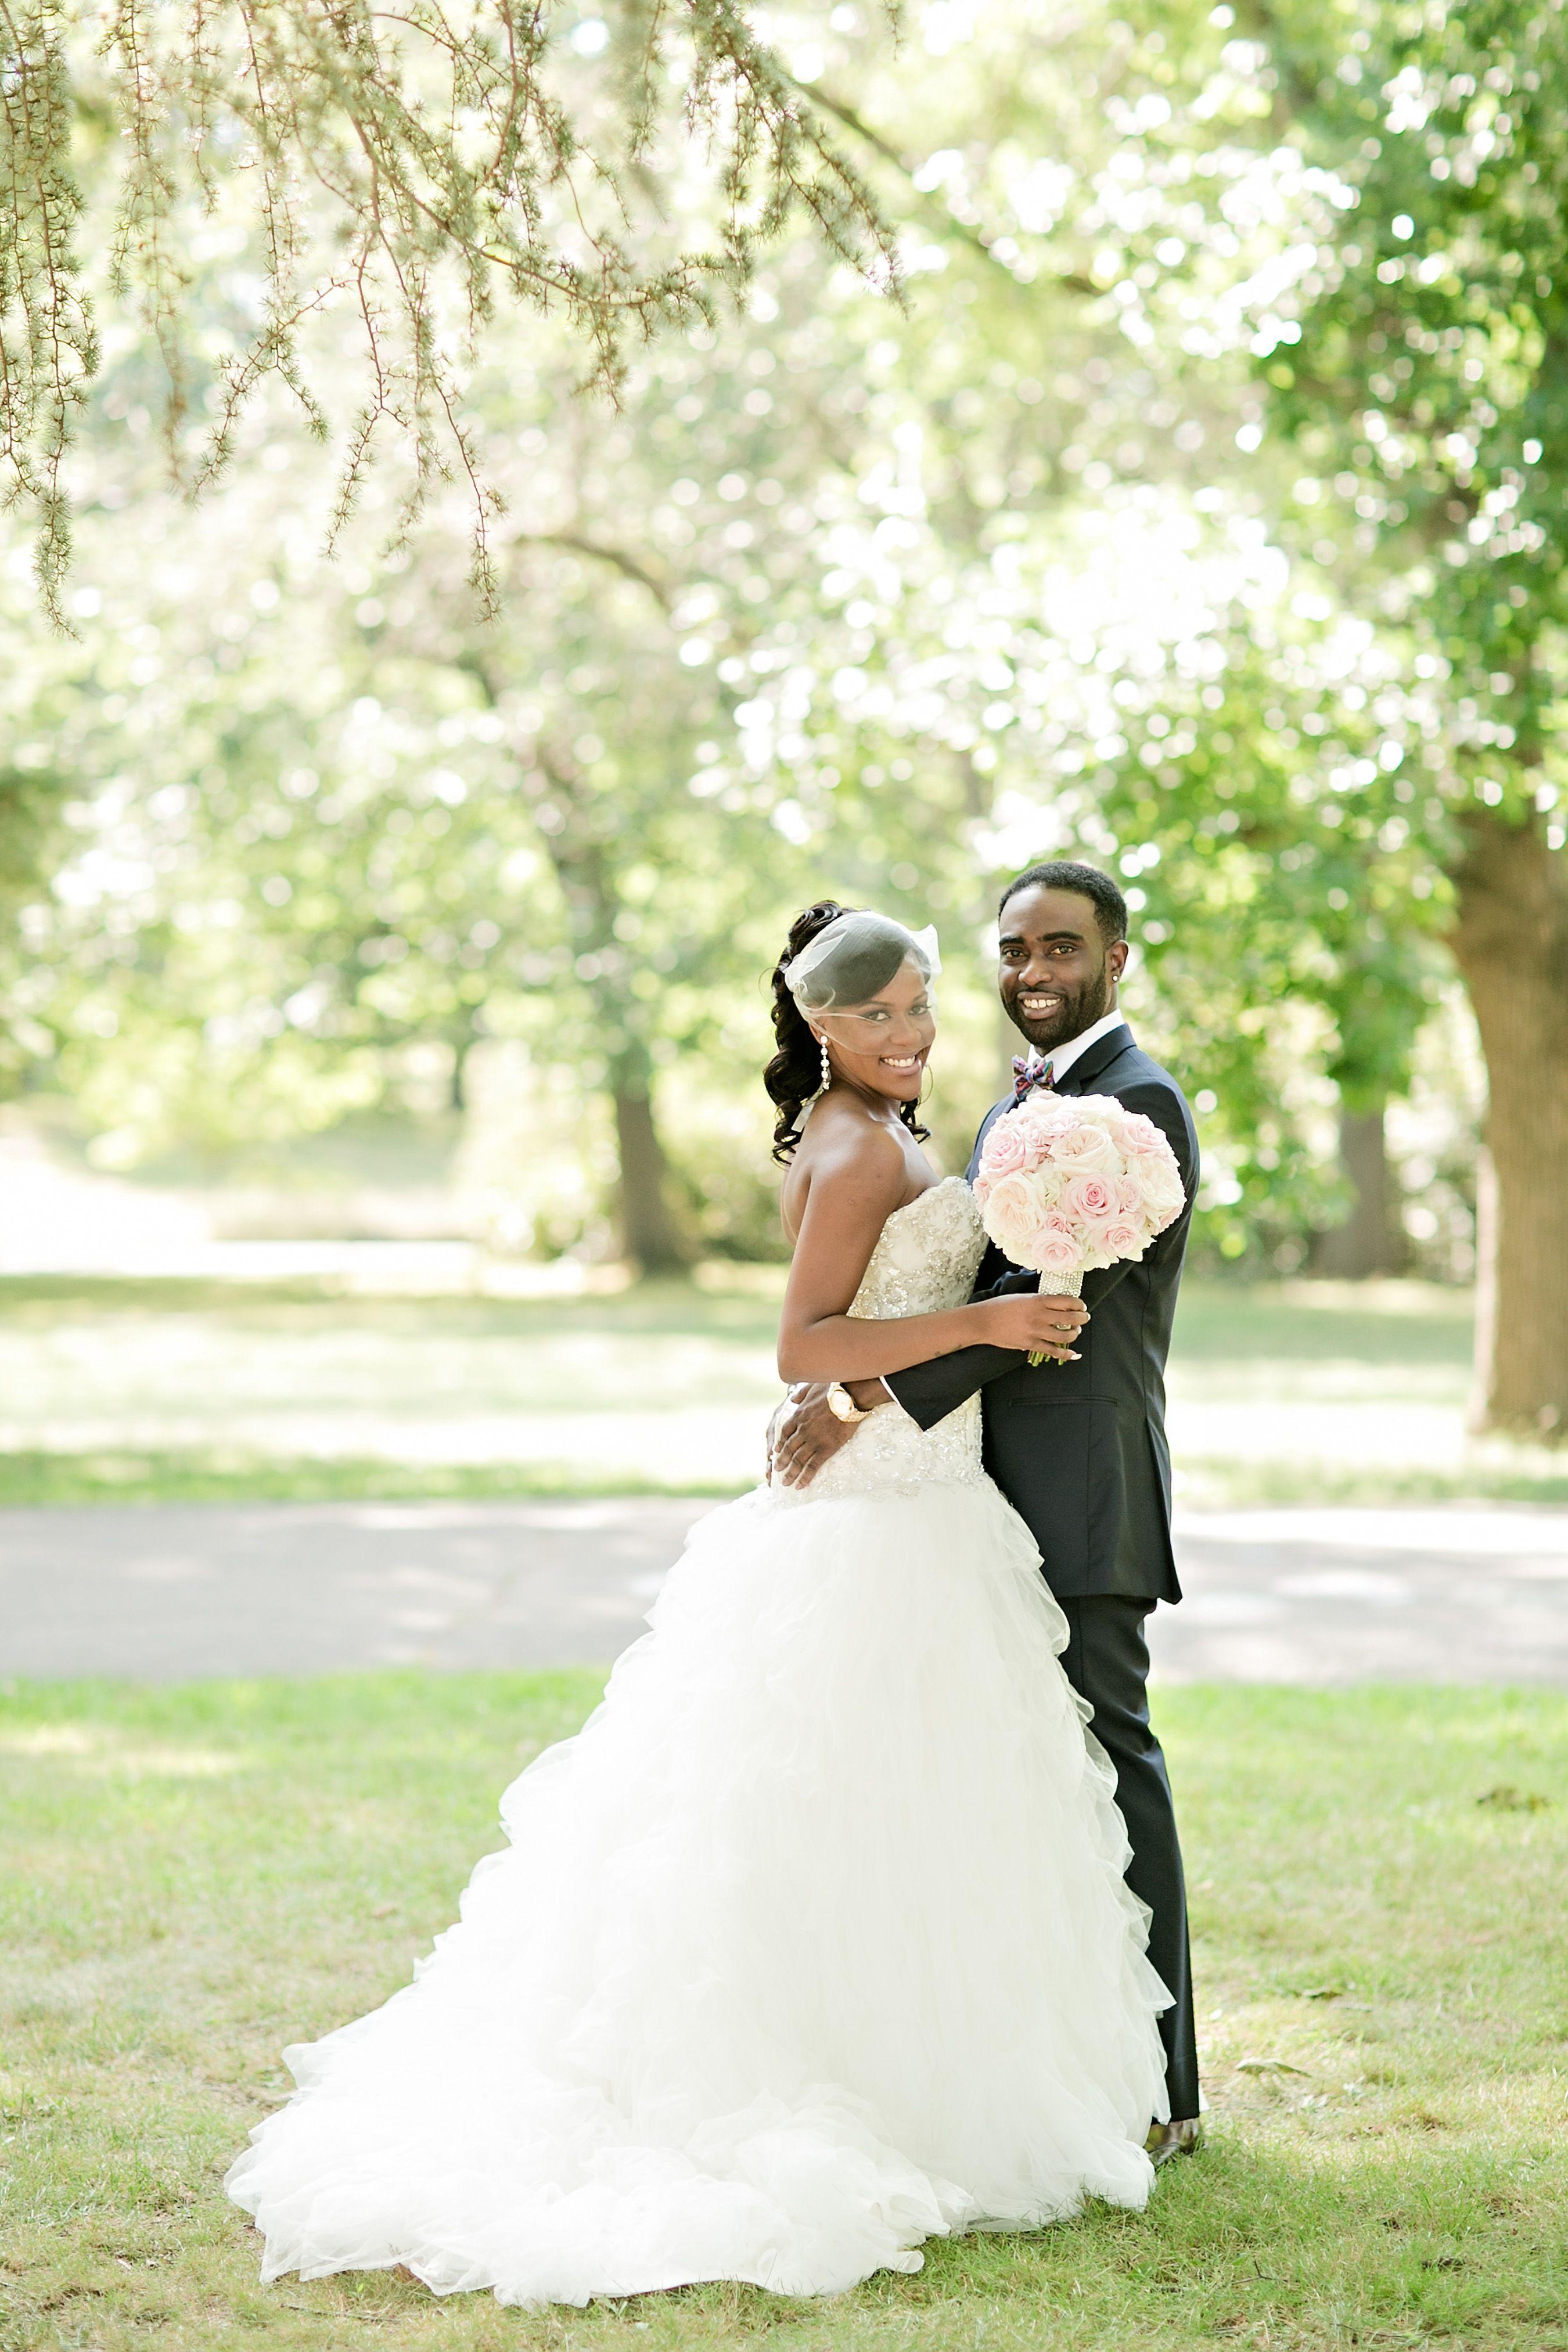 Glamorous wedding theme wedding style pinterest classic